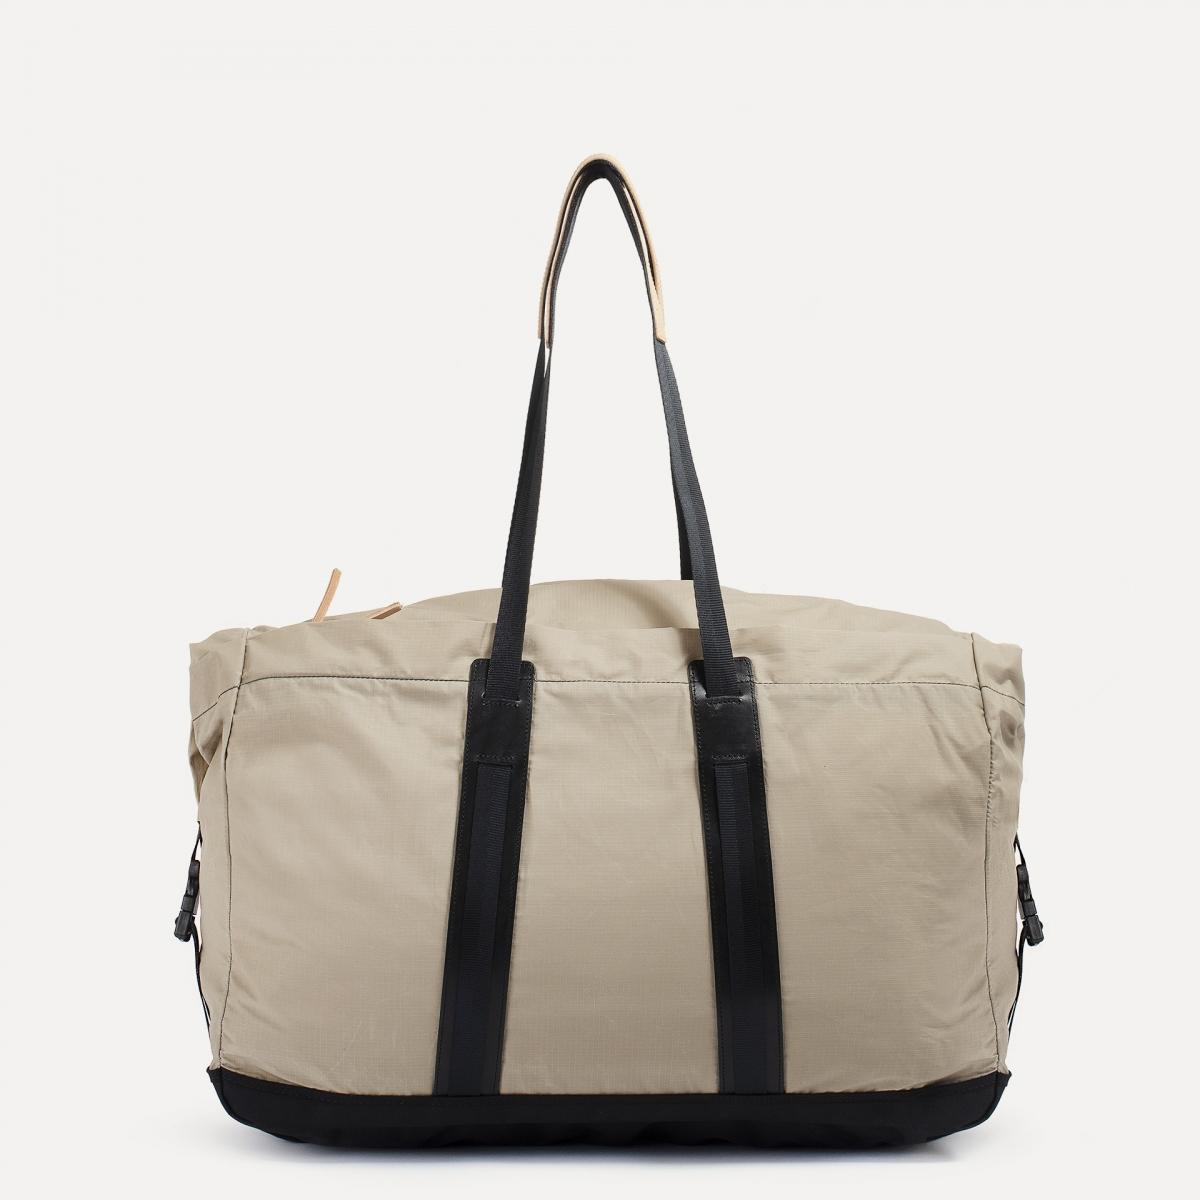 35L Baroud Travel bag - Beige (image n°3)